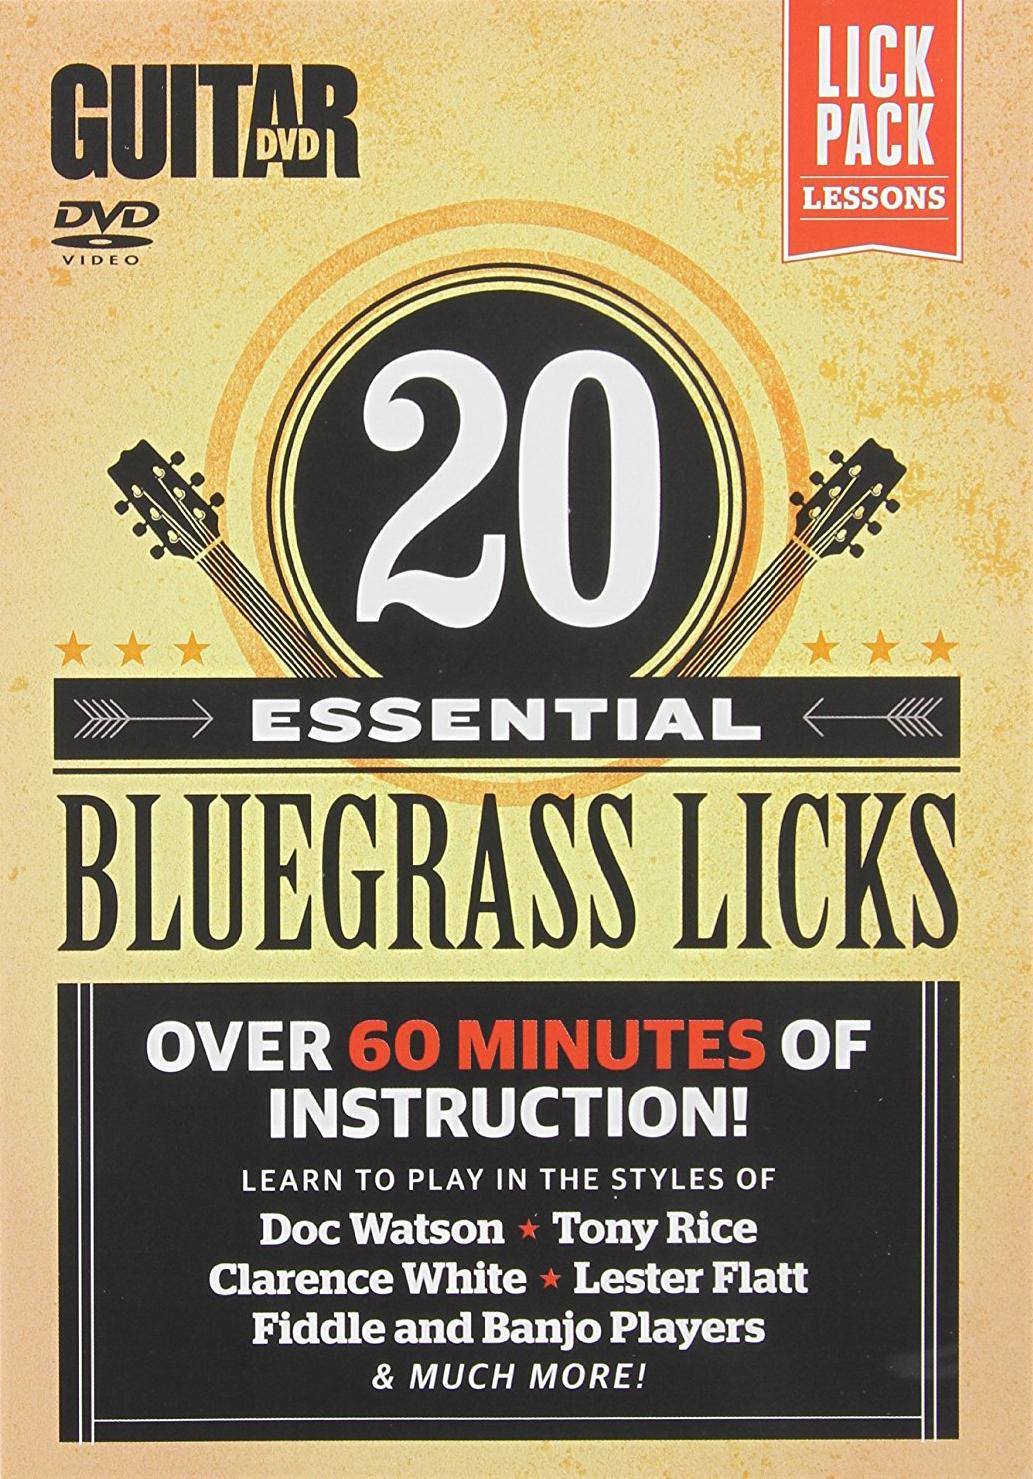 Guitar World: 20 Essential Bluegrass Licks